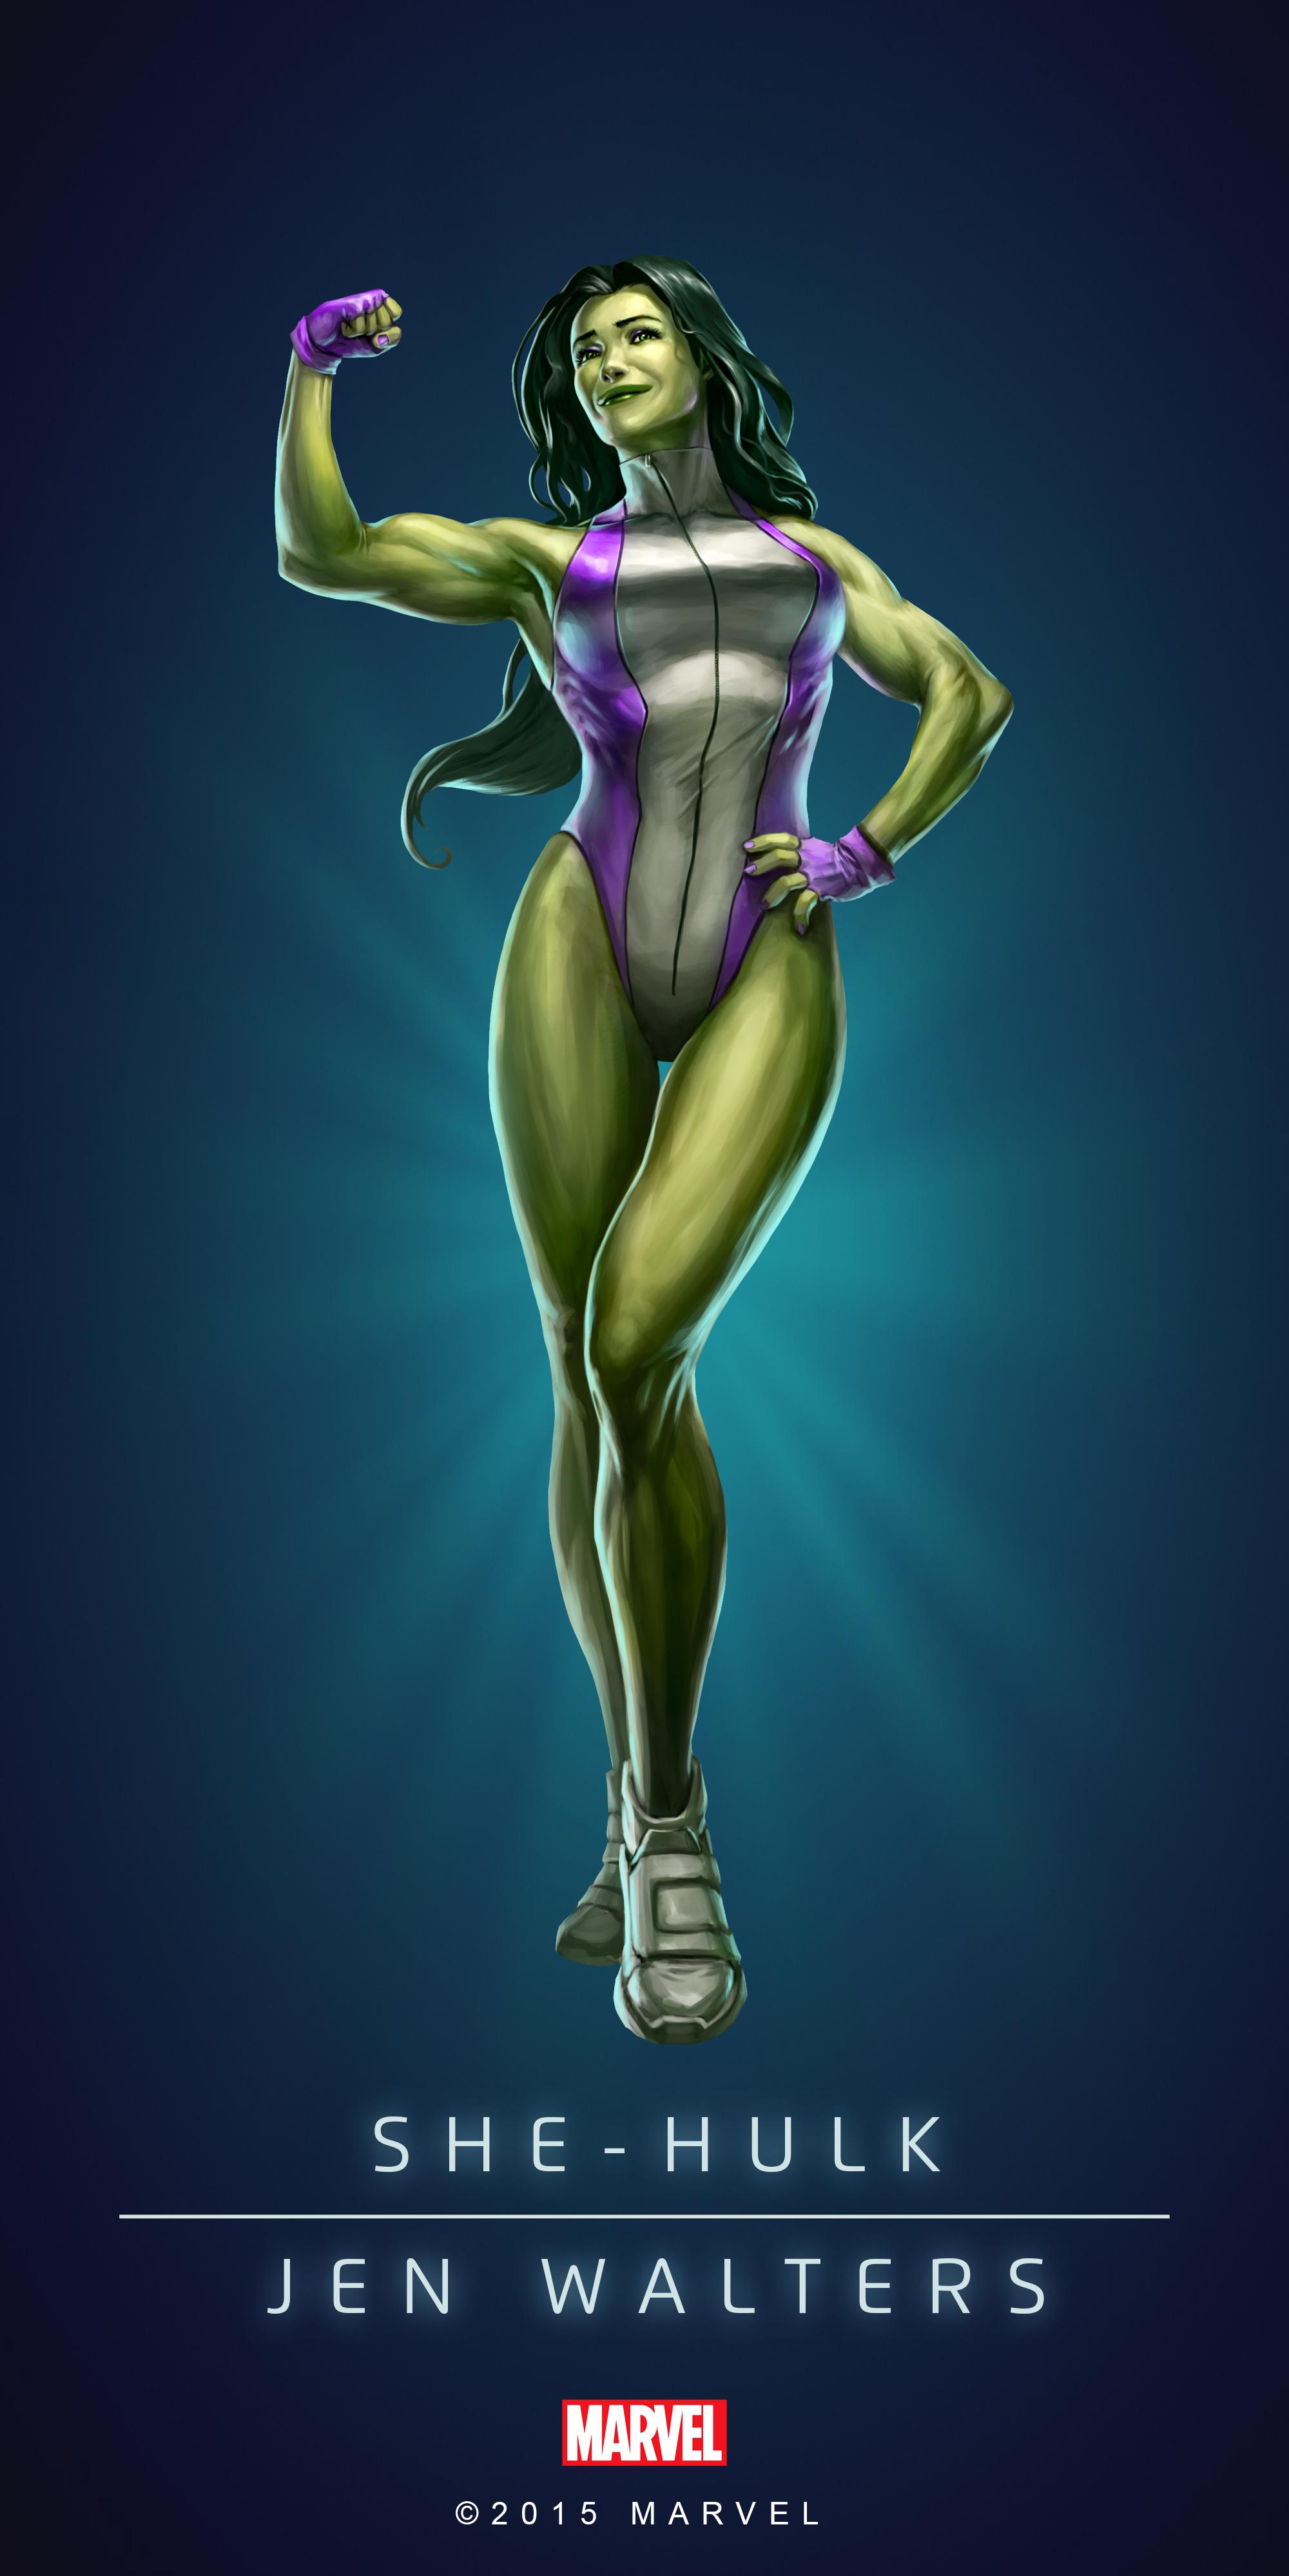 She-Hulk Poster-01 | d3go Marvel Posters | Pinterest | Hulk, Hulk ...